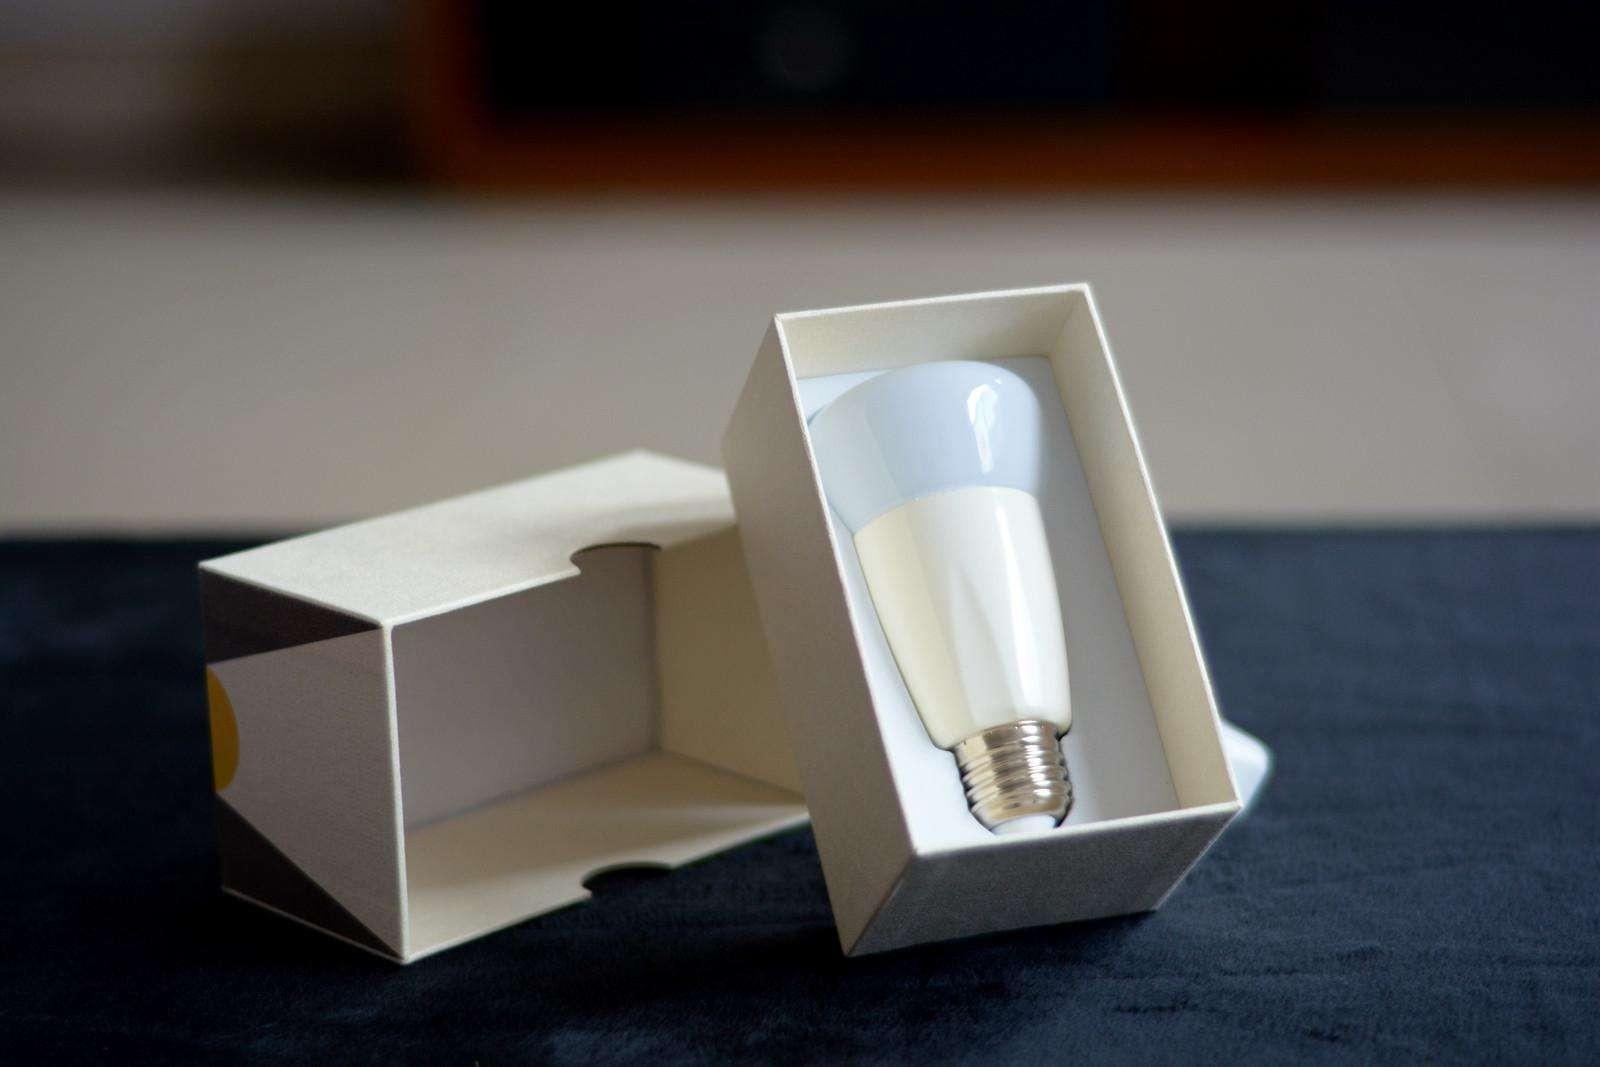 索尼智能灯泡怎么样—索尼智能灯泡的特点